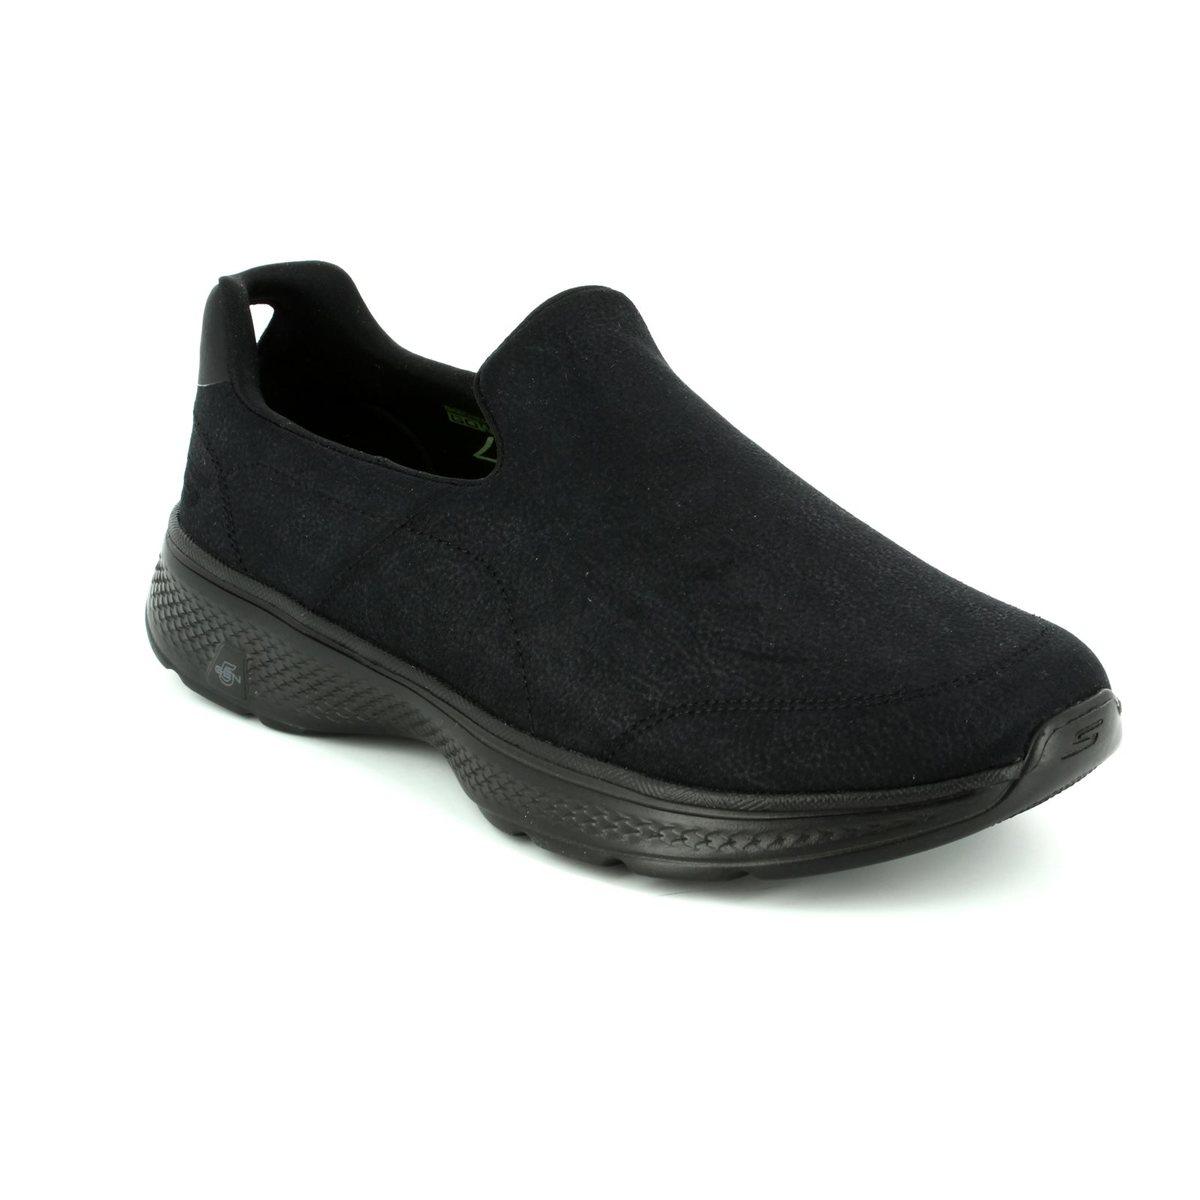 Skechers Zapatos De Los Hombres Van A Pie Uk Qjc3G